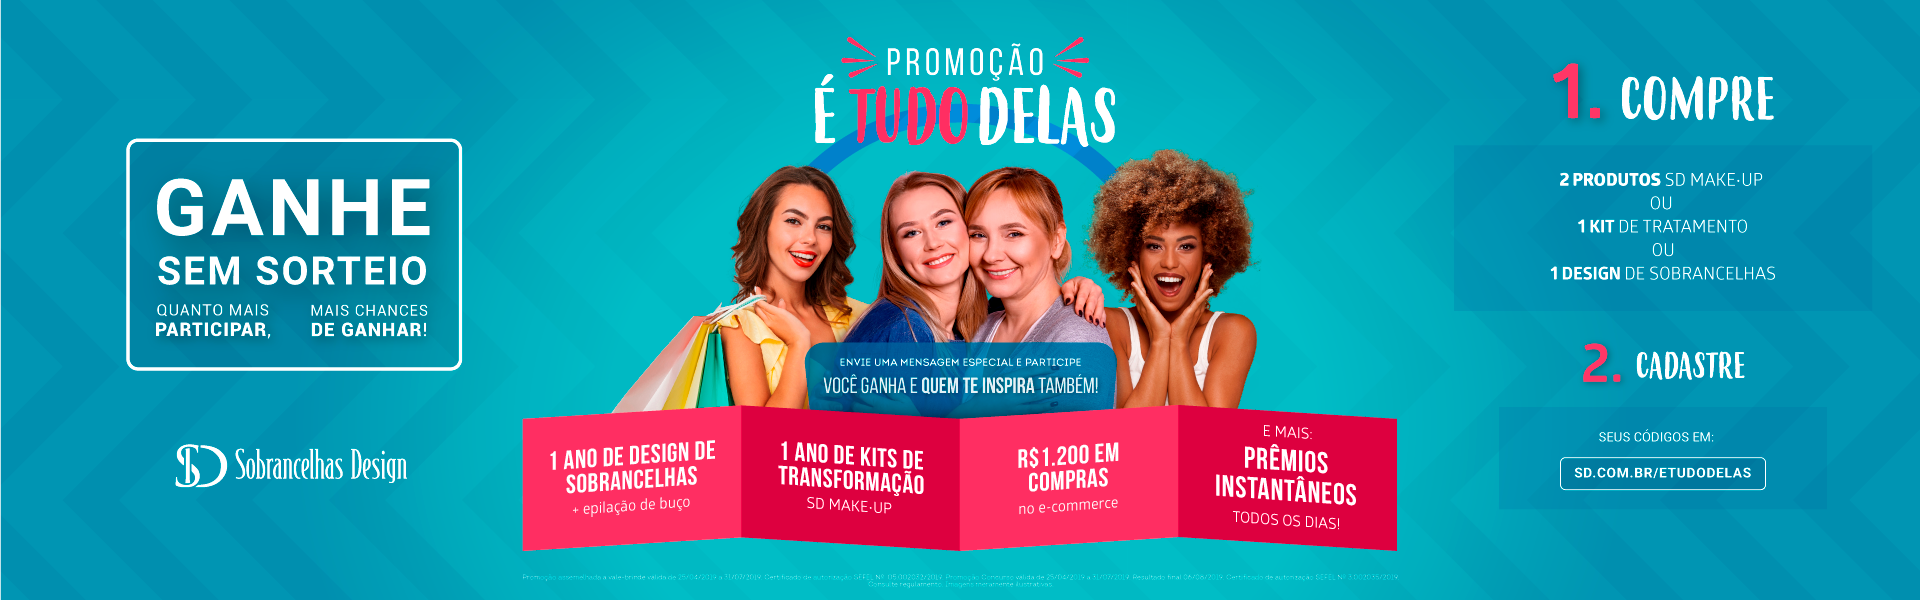 Banner Promocao